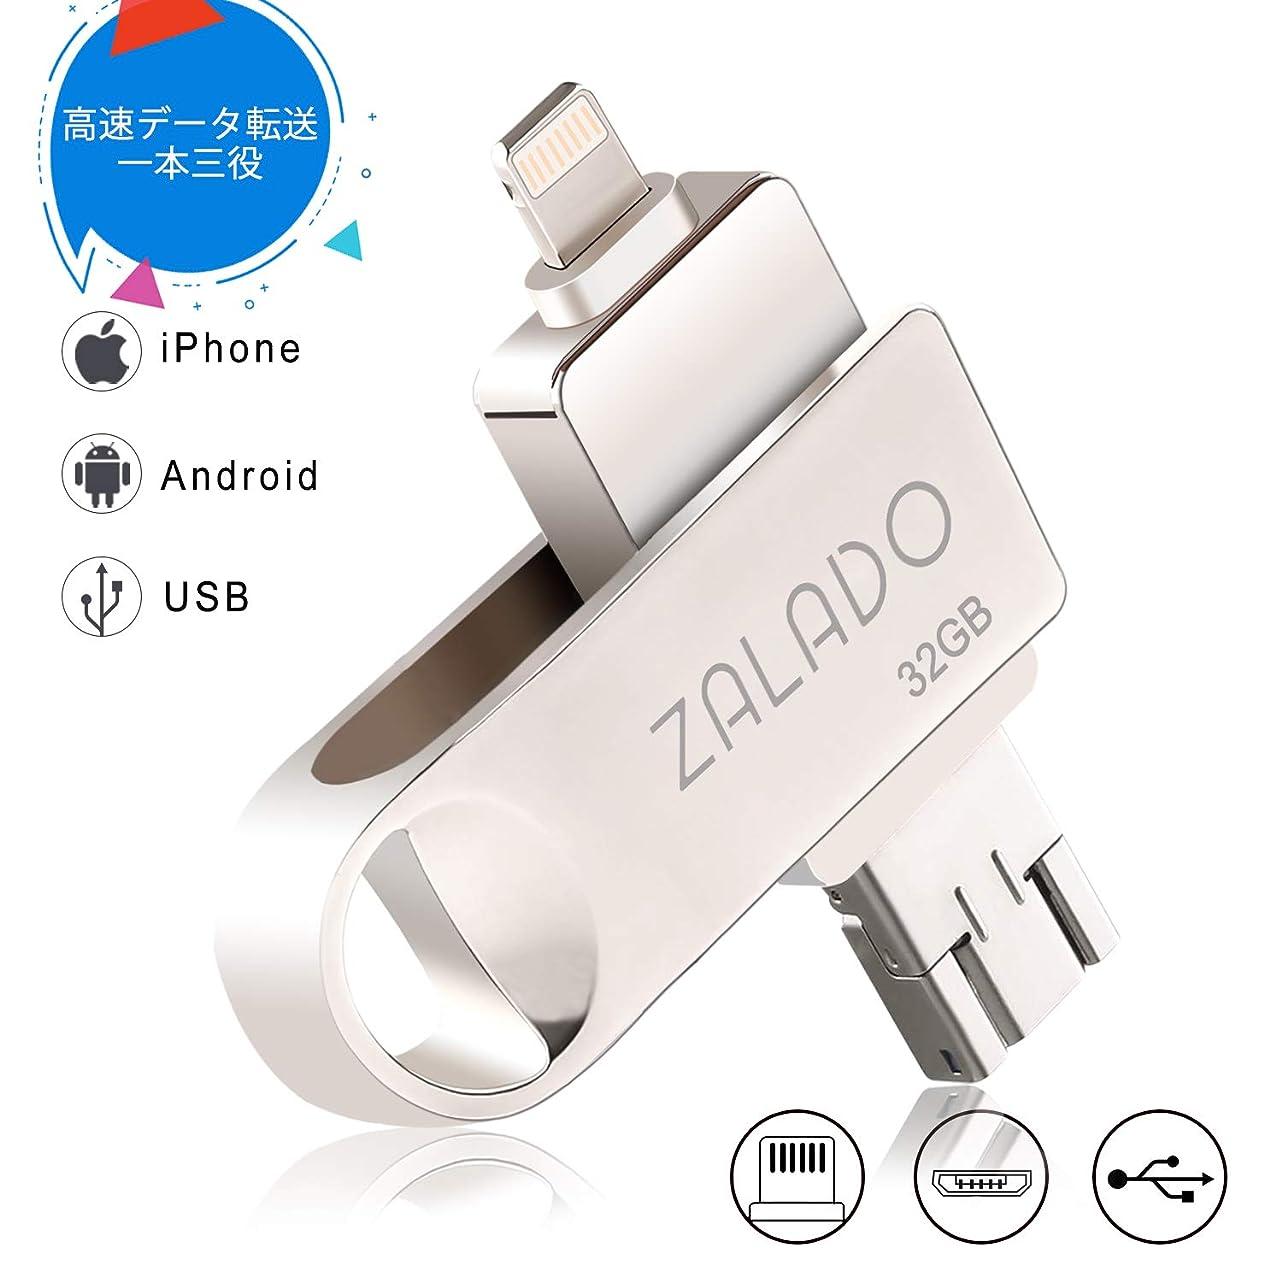 透明にお客様歌詞USBメモリ 32GB ZALADO iPhone 32gb フラッシュドライブ 人気 フラッシュメモリ IOS/Android/パソコン対応 3in1メモリ 高速データ転送 スマホ 容量不足解消 日本語取扱説明書付き(シルバー 32GB)